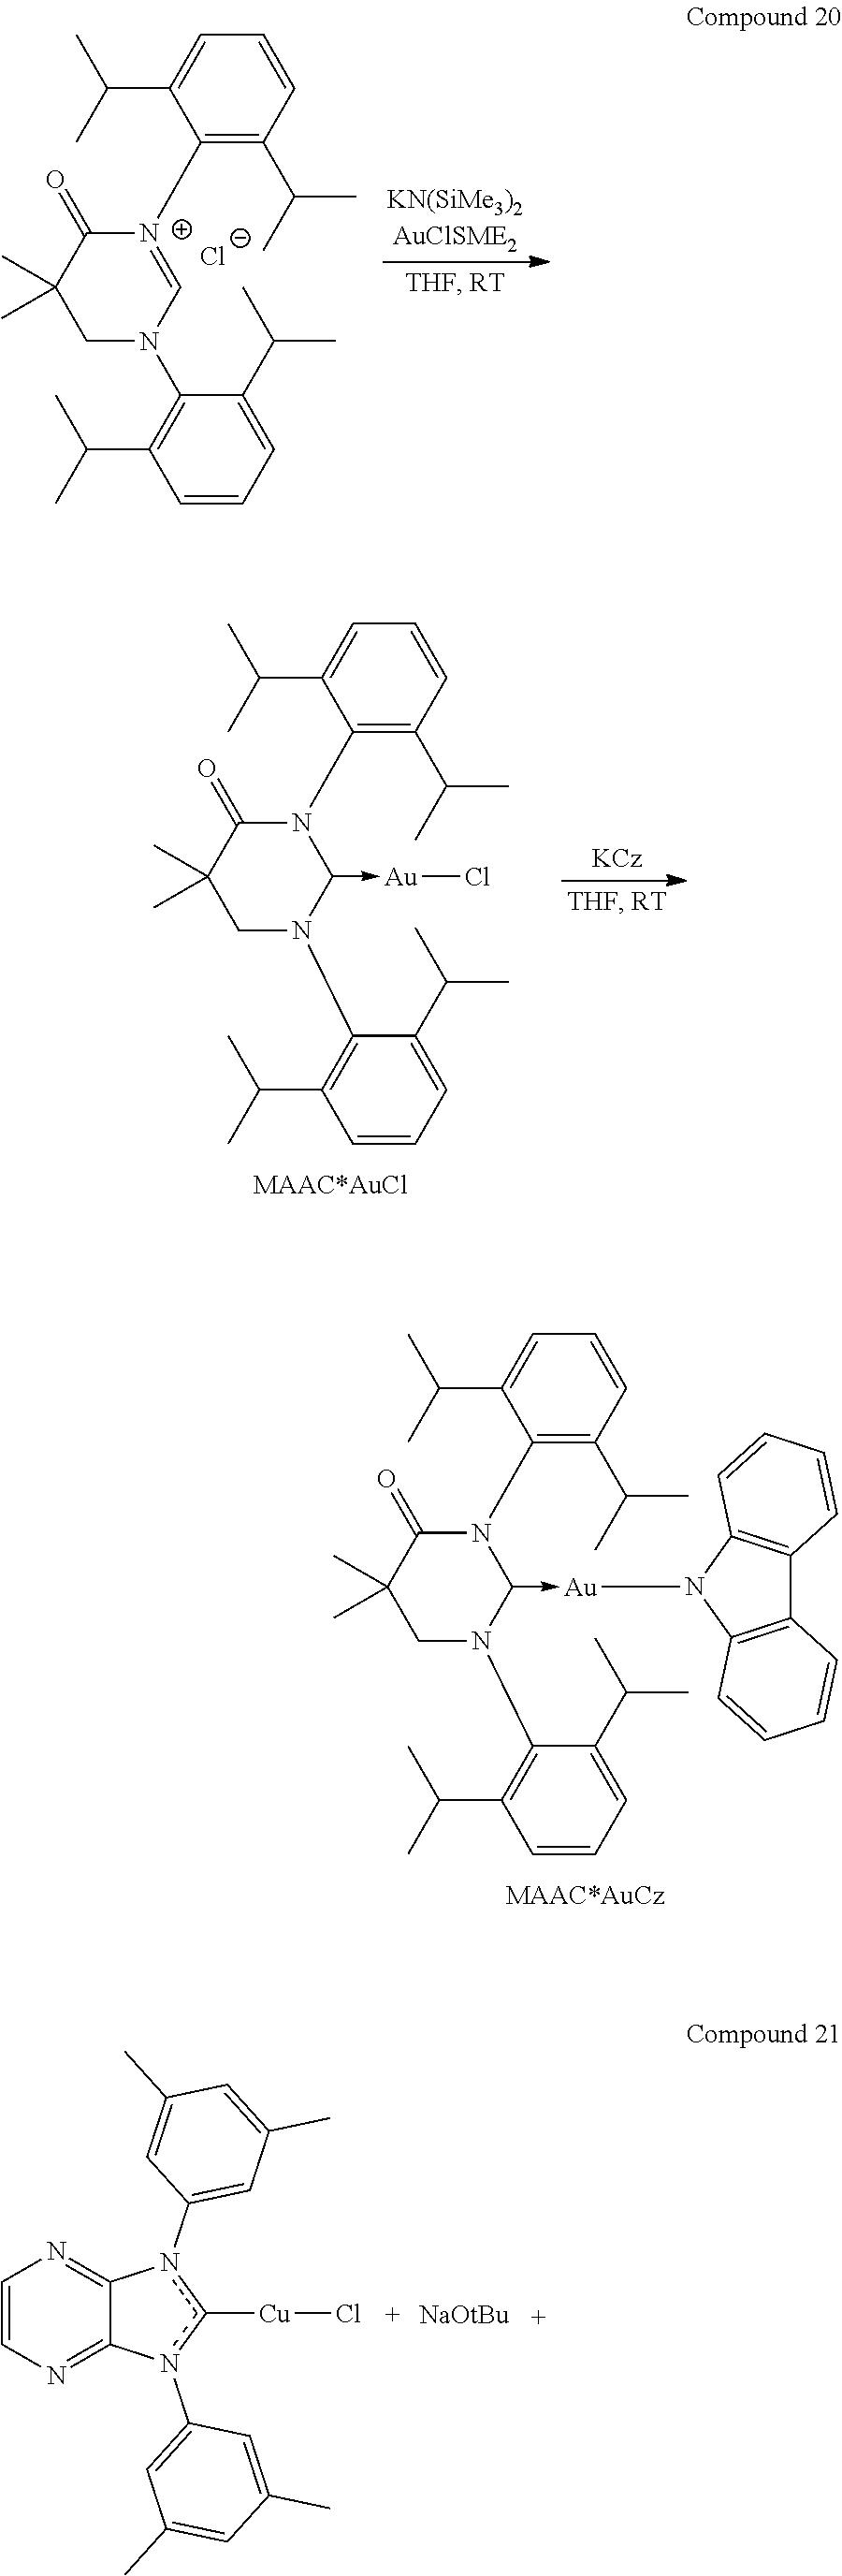 Figure US20190161504A1-20190530-C00112